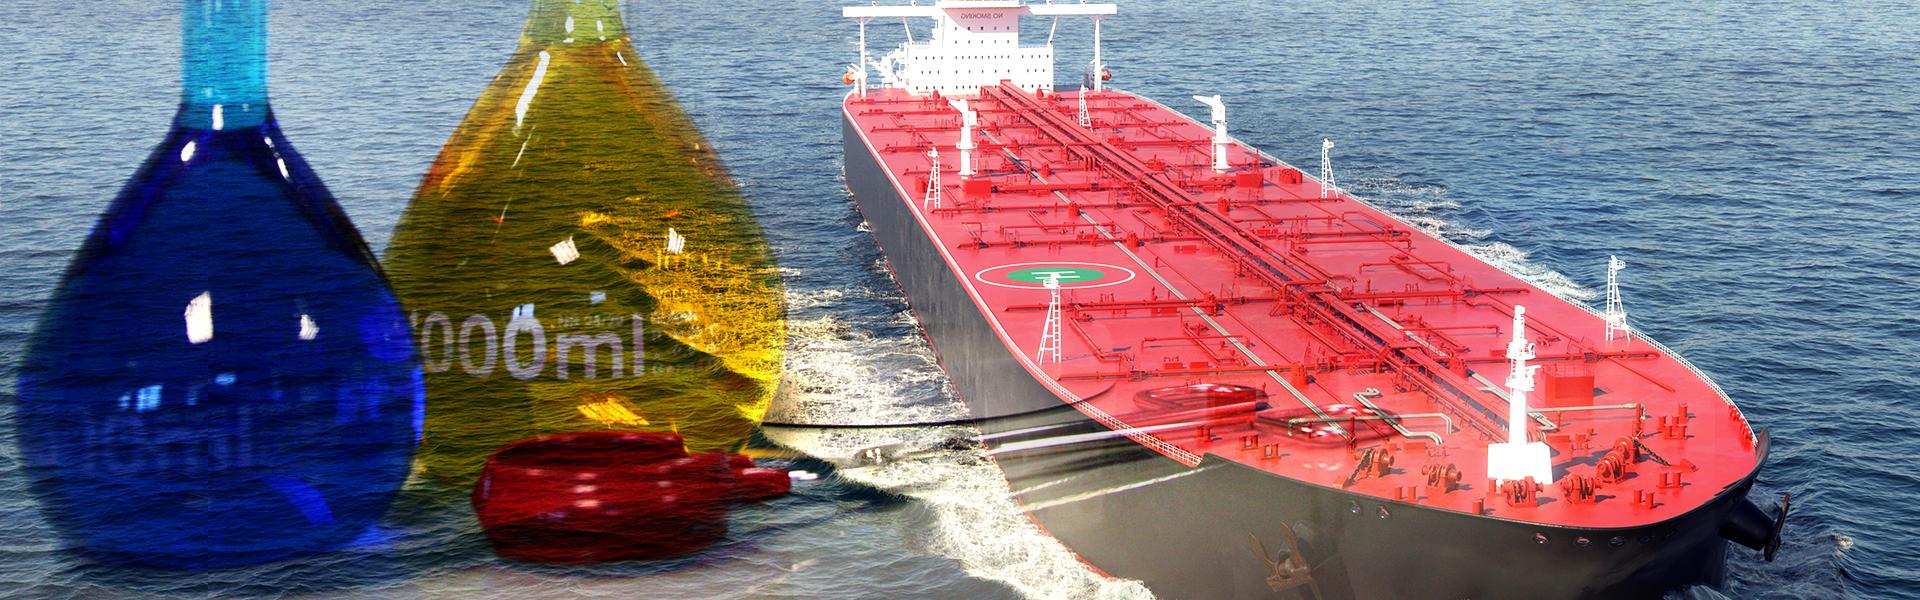 Bunkeraggio offerta globale di servizi e analisi di laboratorio proponendo un'ampia varietà di soluzioni rivolte al settore della raffinazione e del trasporto marittimo